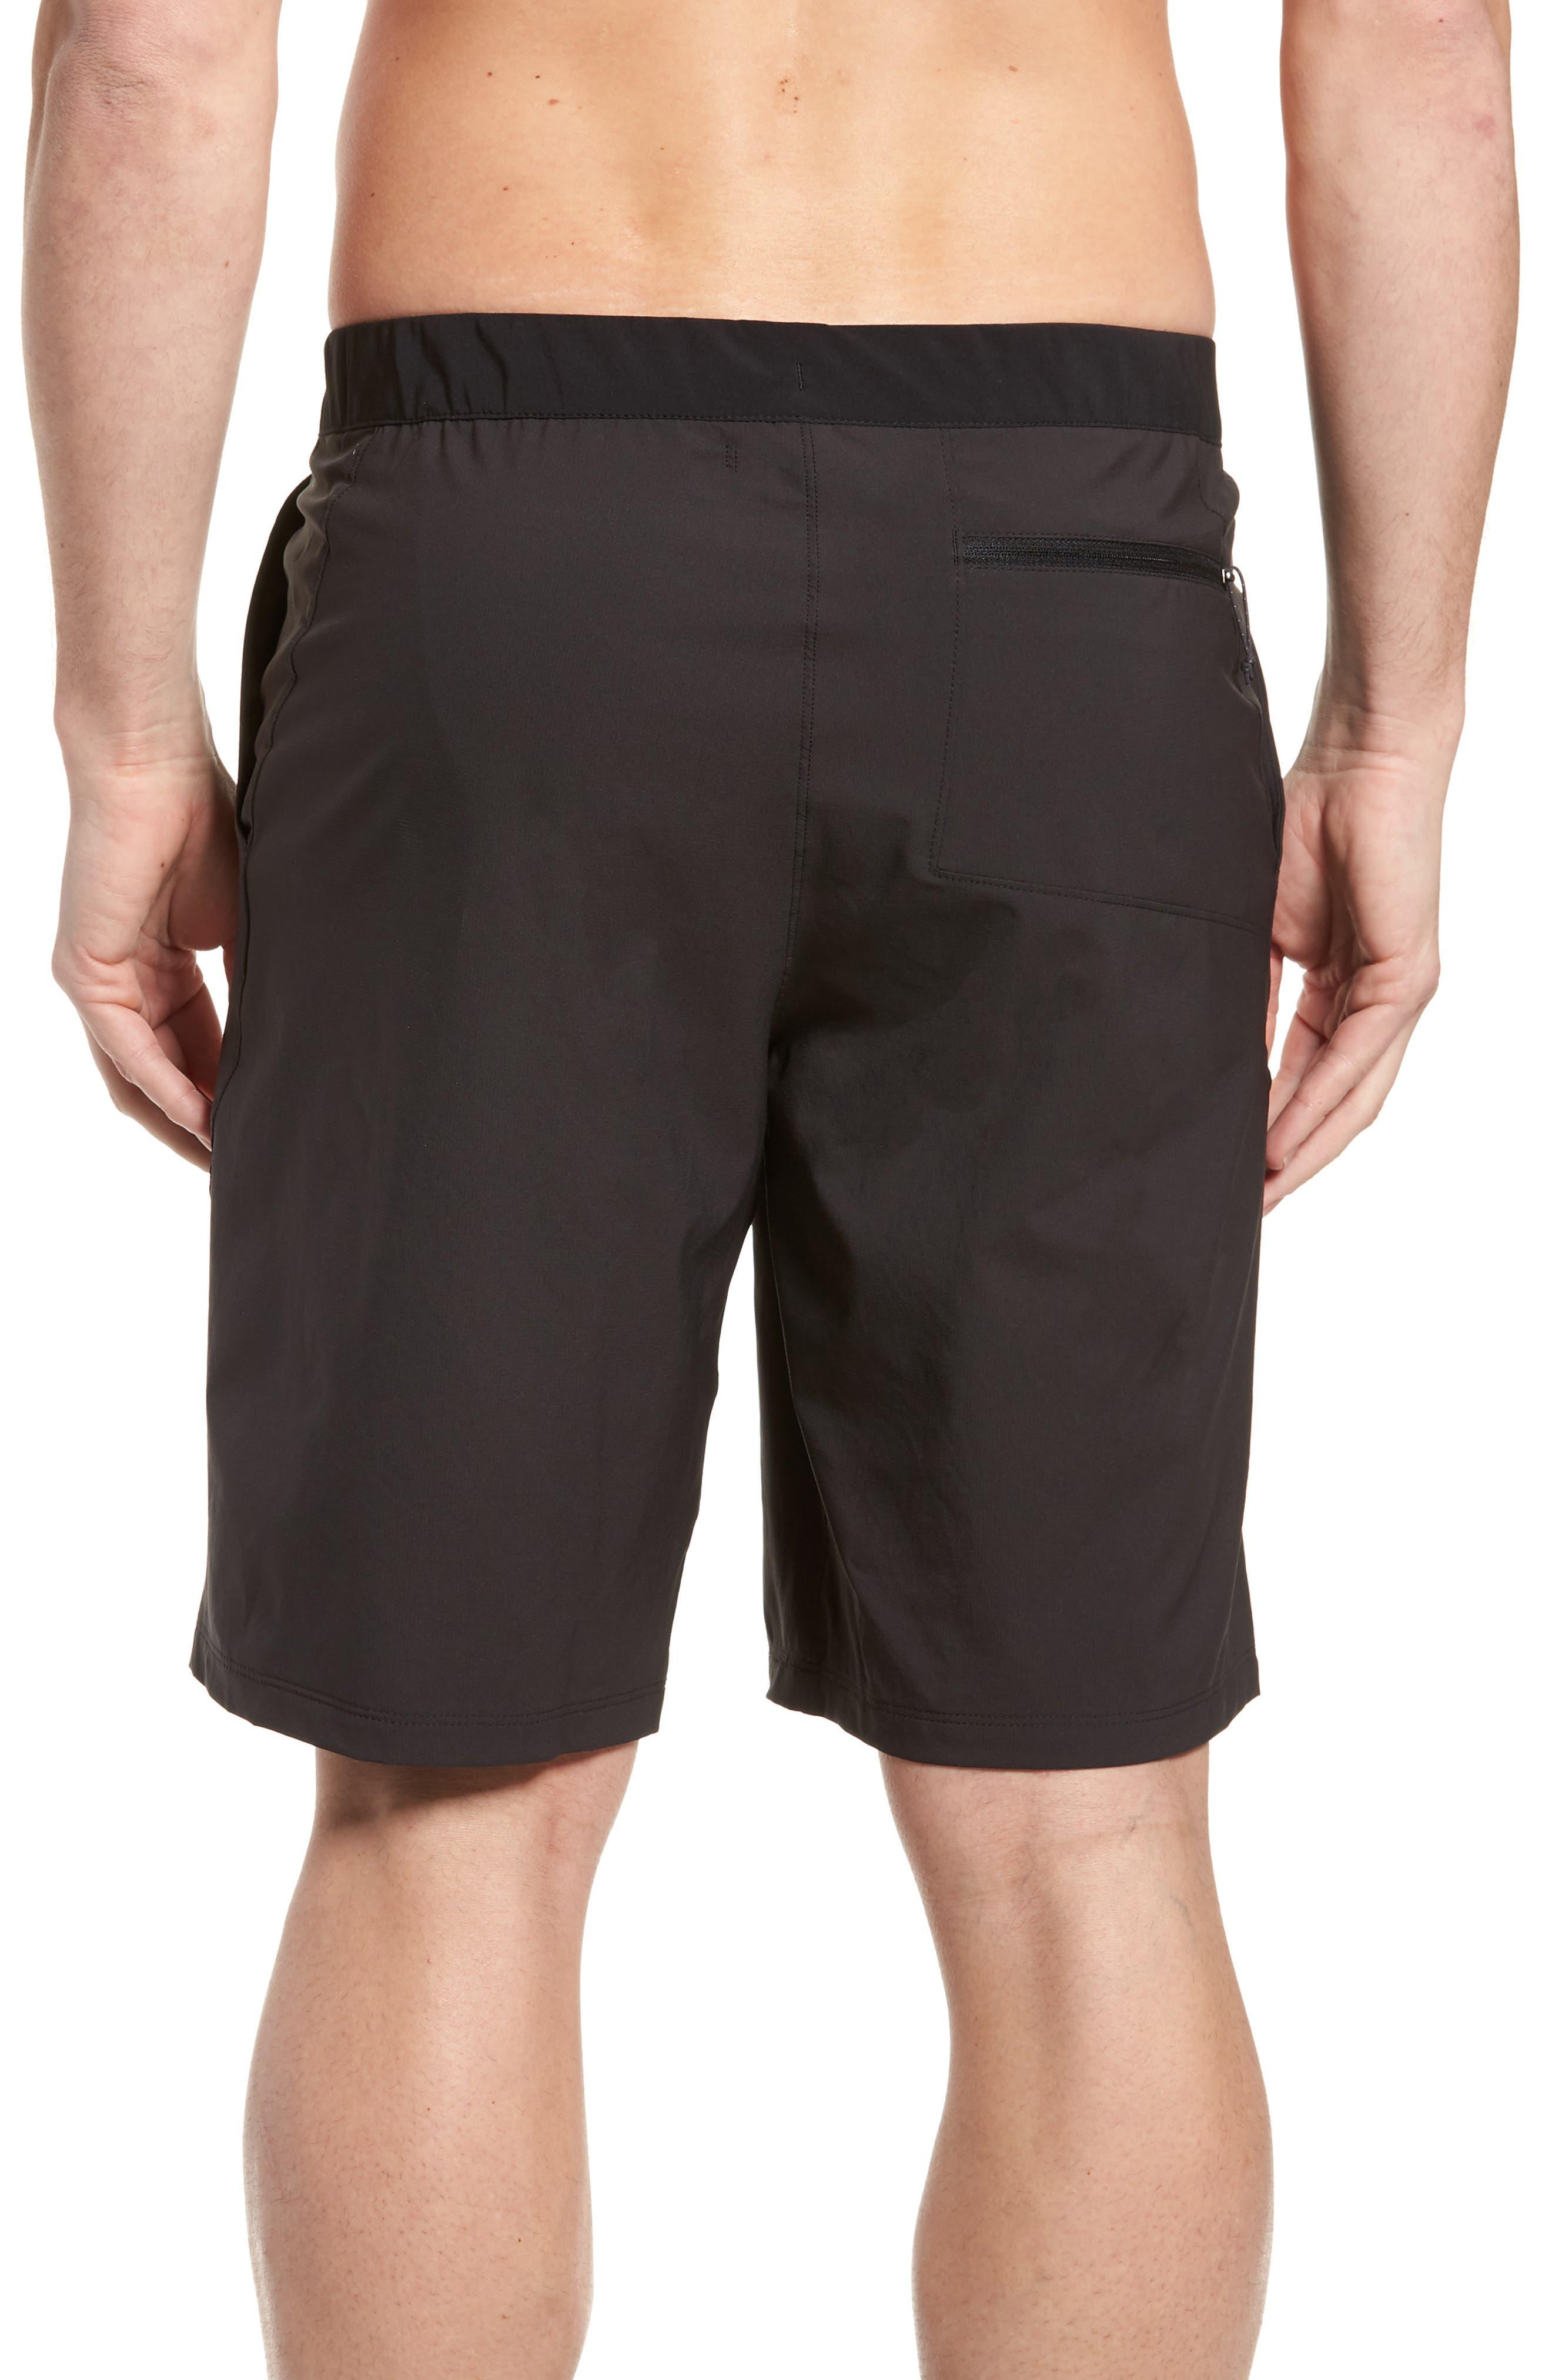 Terrebonne Shorts,                             Alternate thumbnail 2, color,                             001